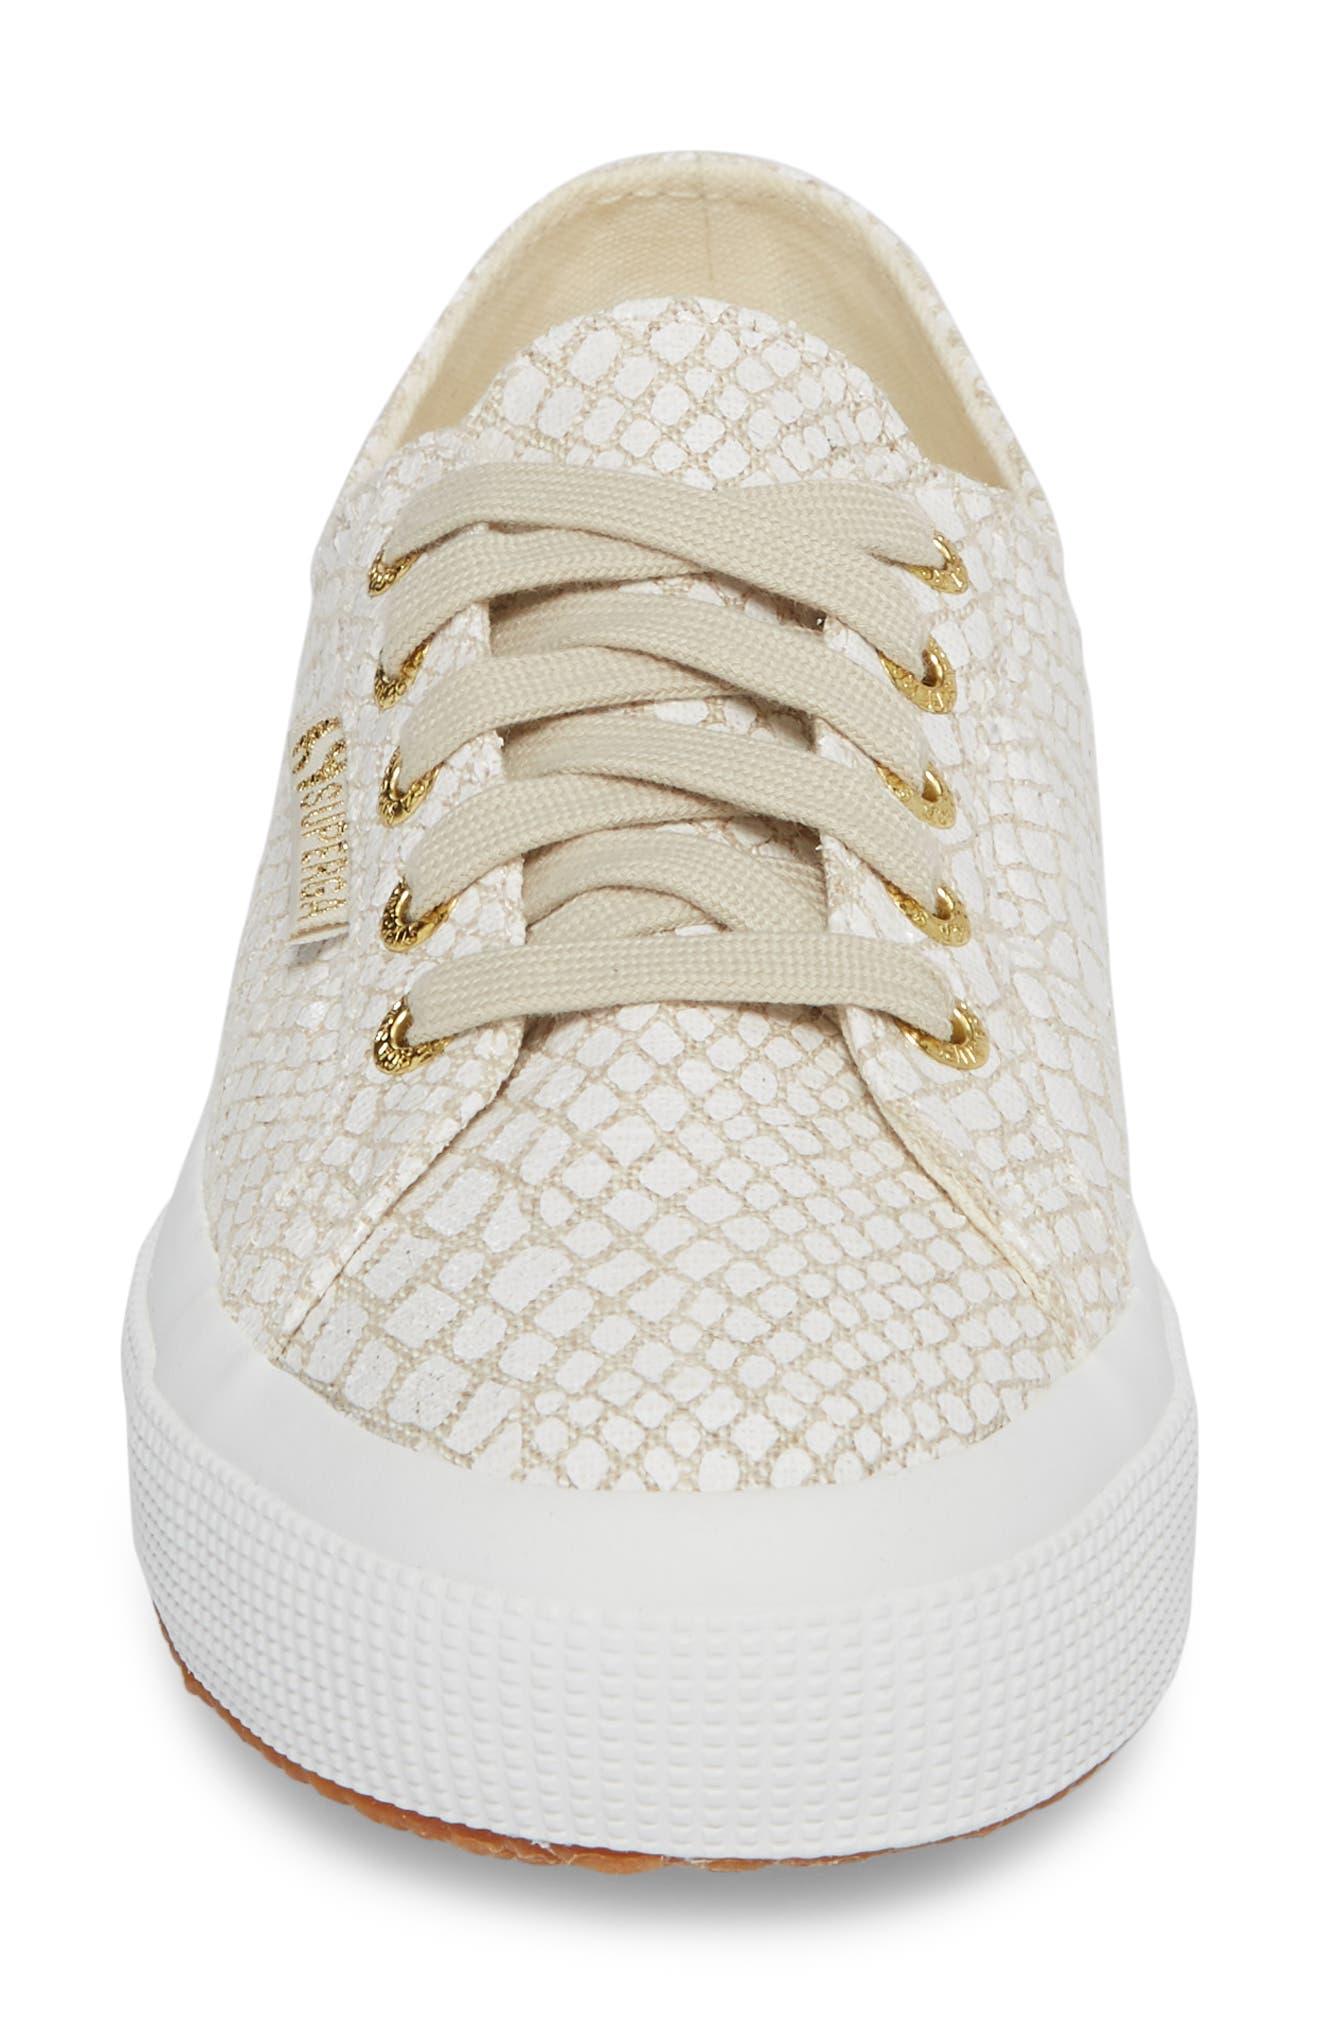 SUPERGA,                             2750 Low Top Sneaker,                             Alternate thumbnail 4, color,                             107